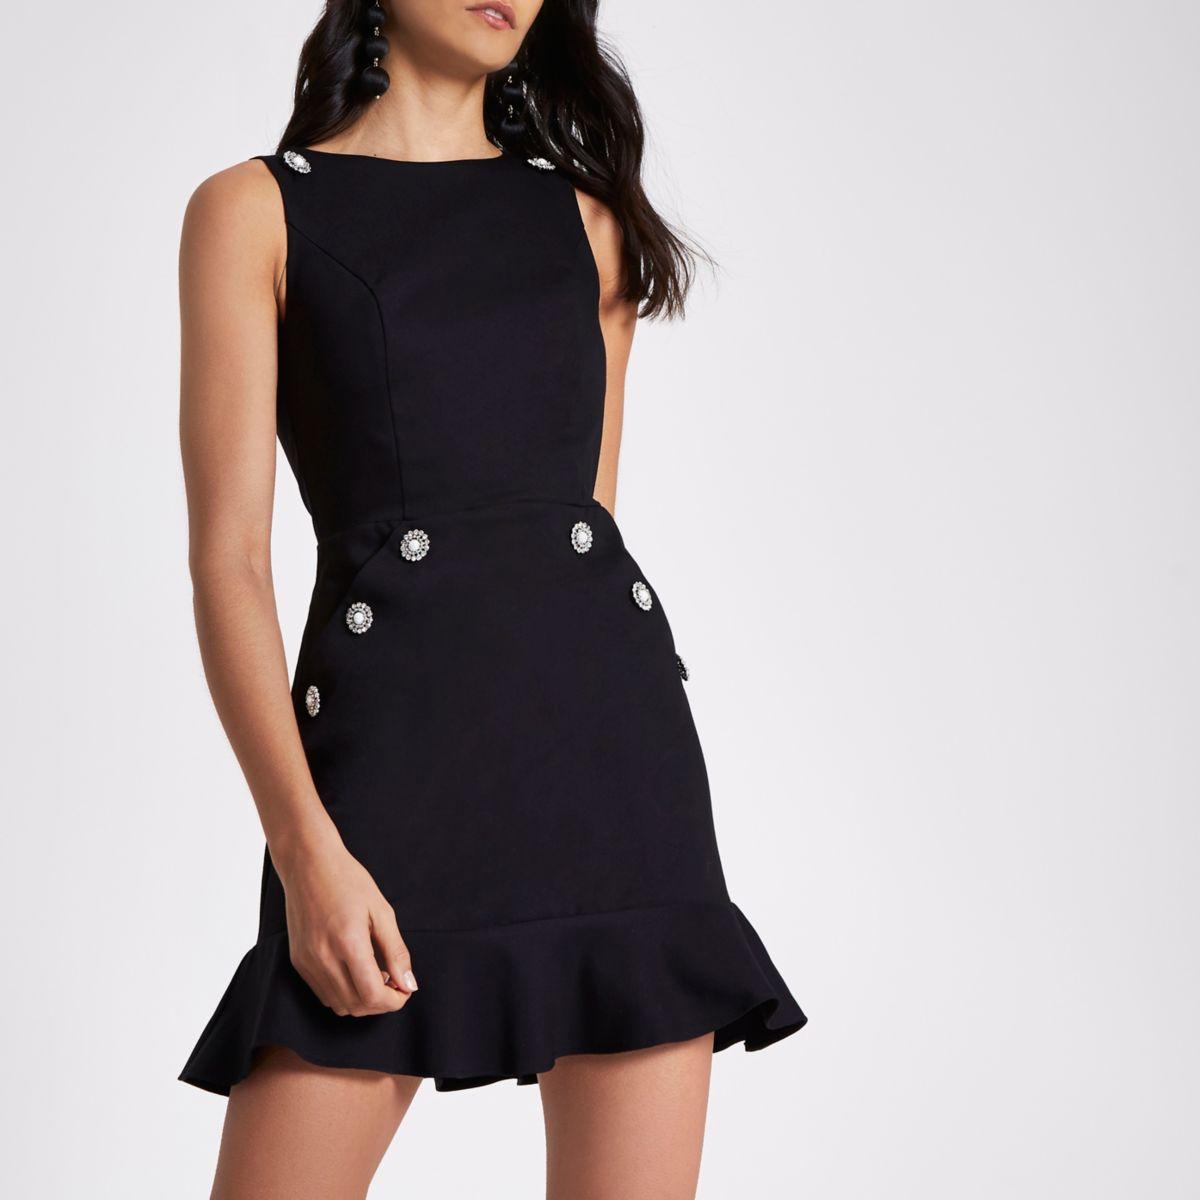 Schwarzes Kleid mit Rüschensaum und Brosche